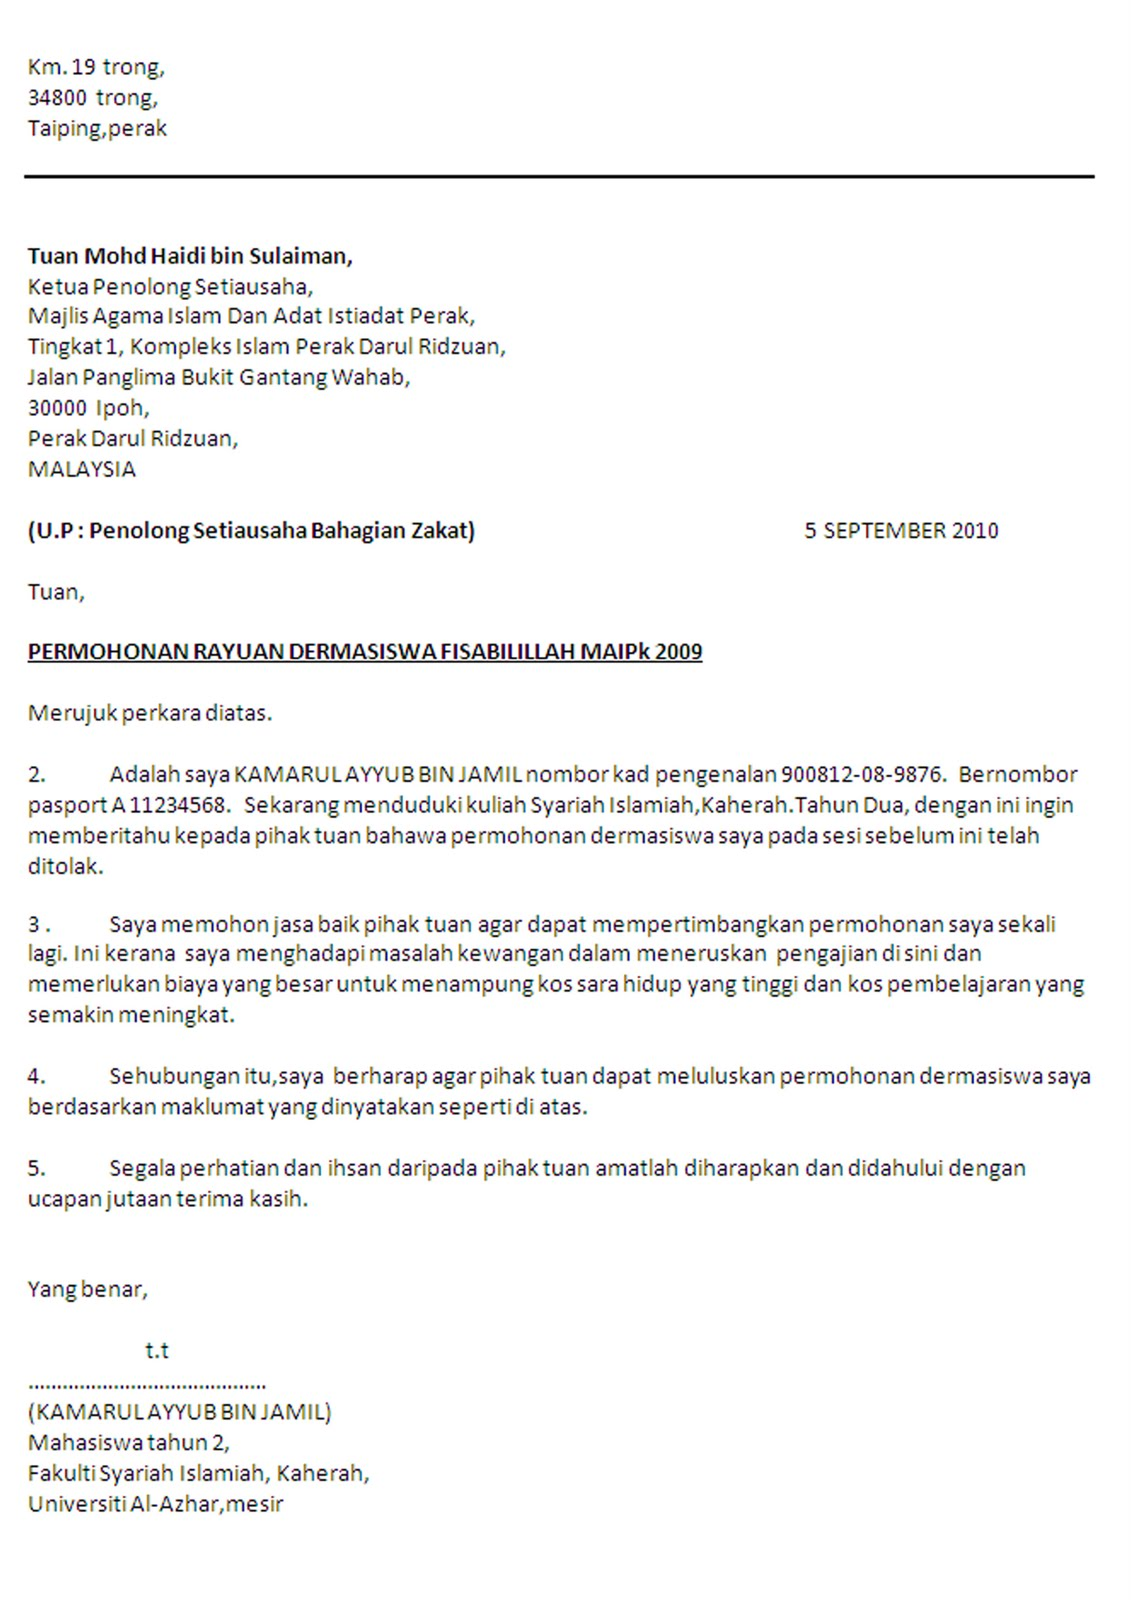 Contoh Surat Rasmi Rayuan Pertukaran Sekolah Anak Urasmi